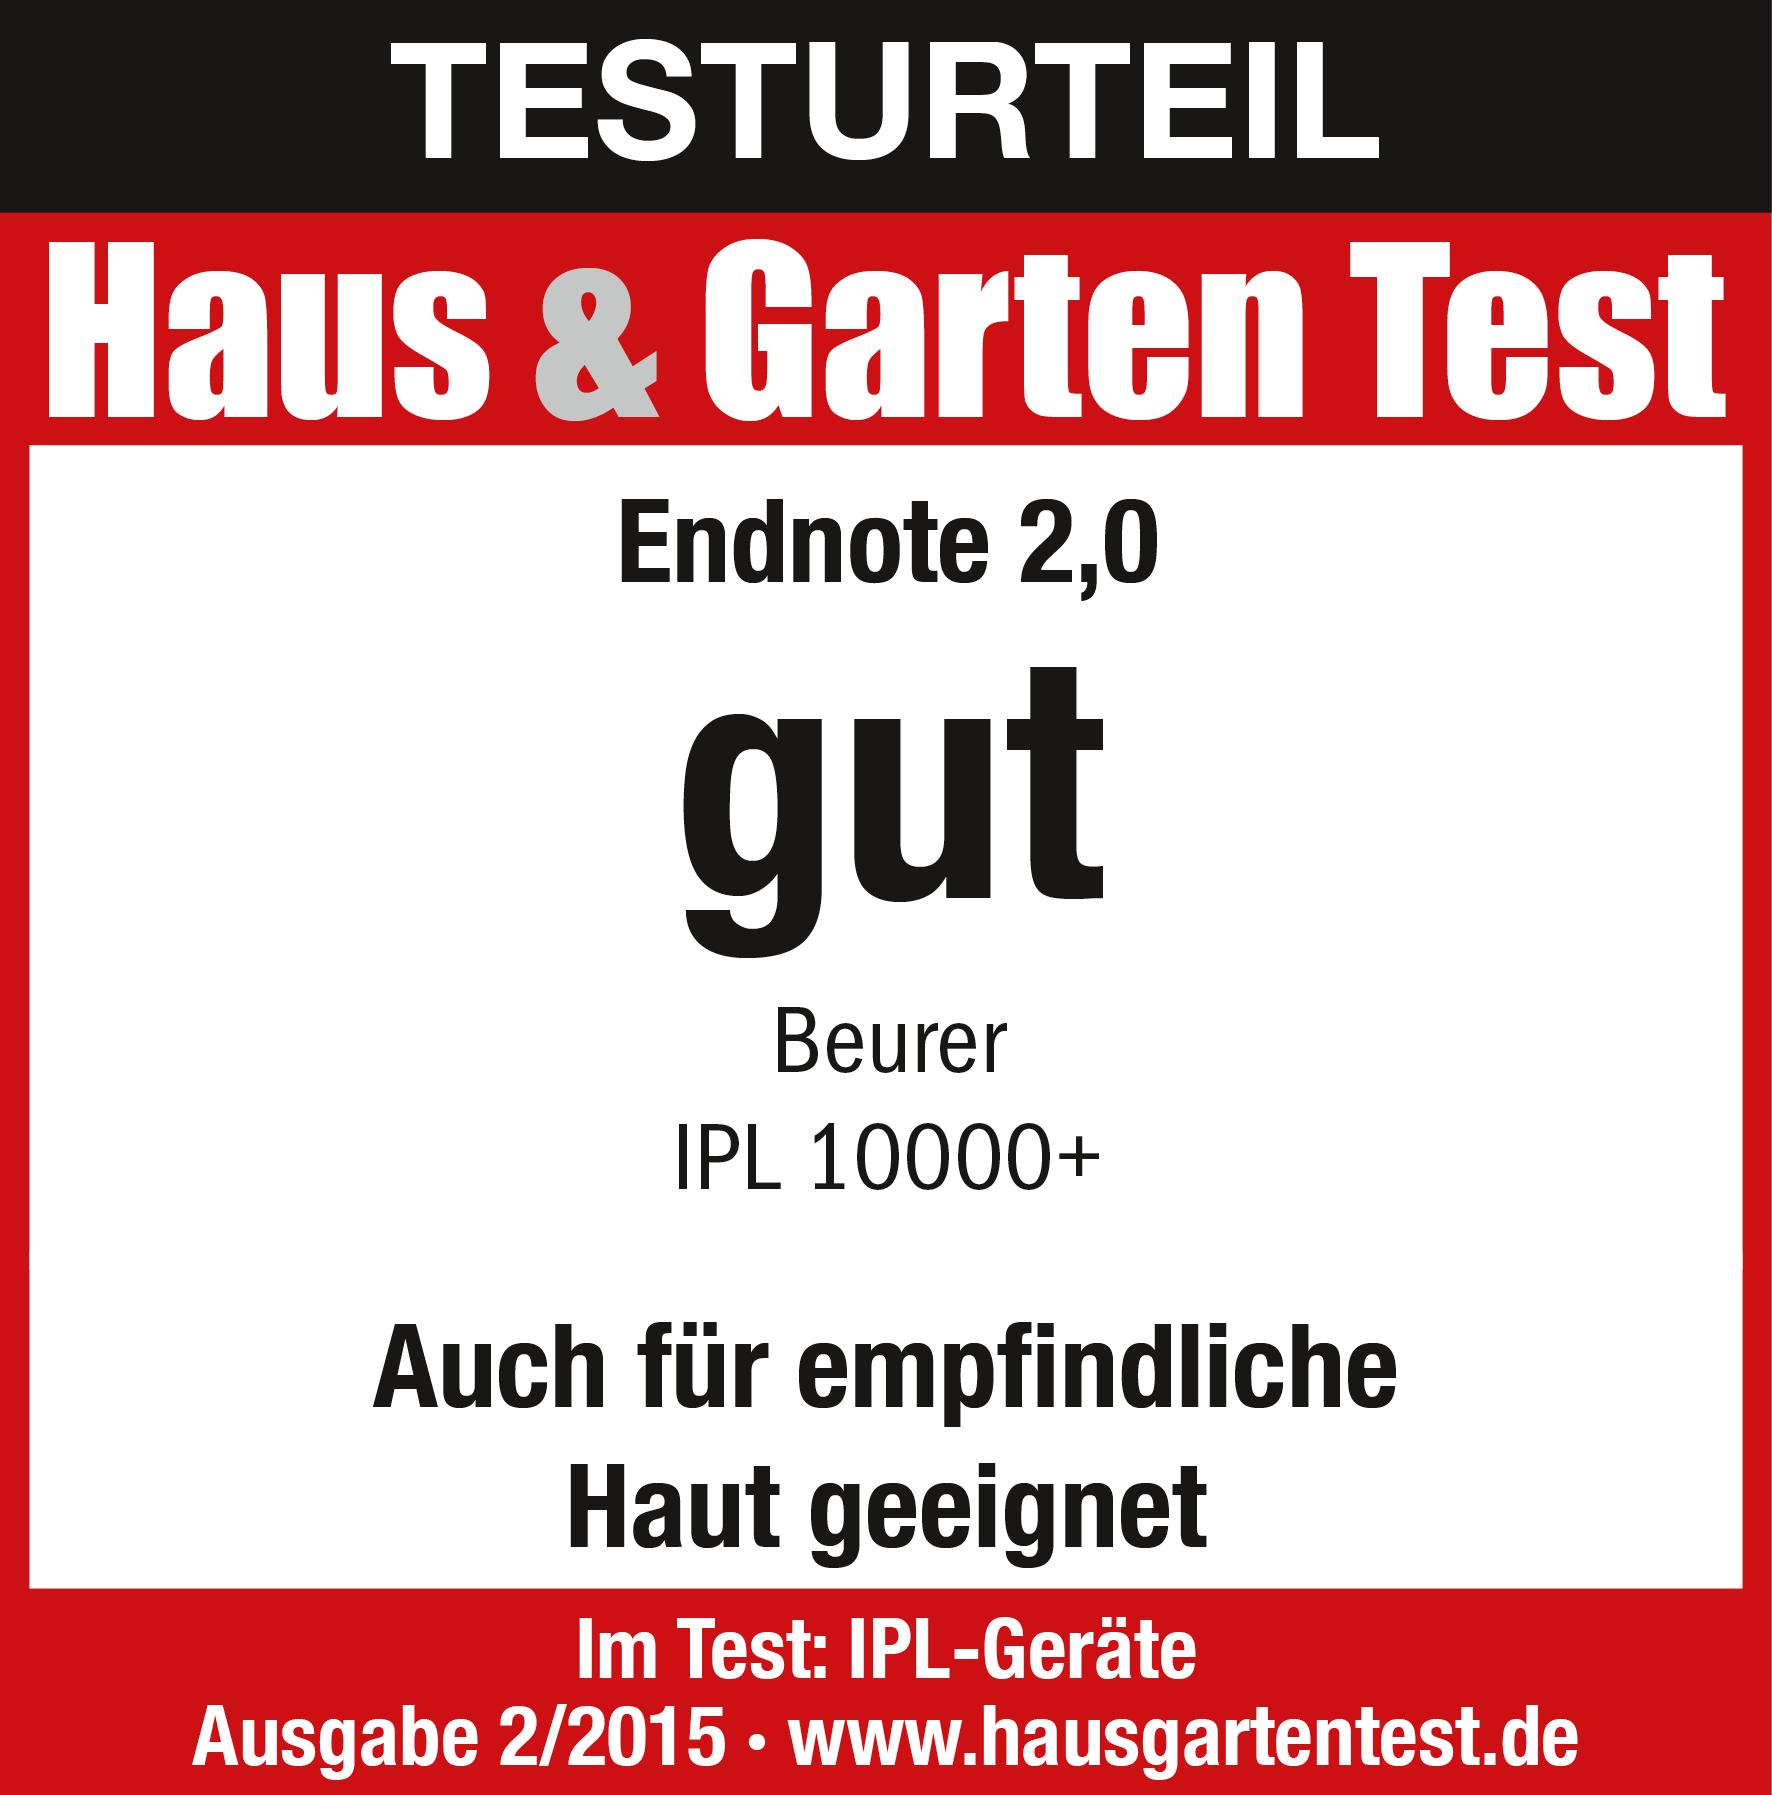 Risultato del test: (2,0) buono per l'epilatore IPL 10000+, 02/2015